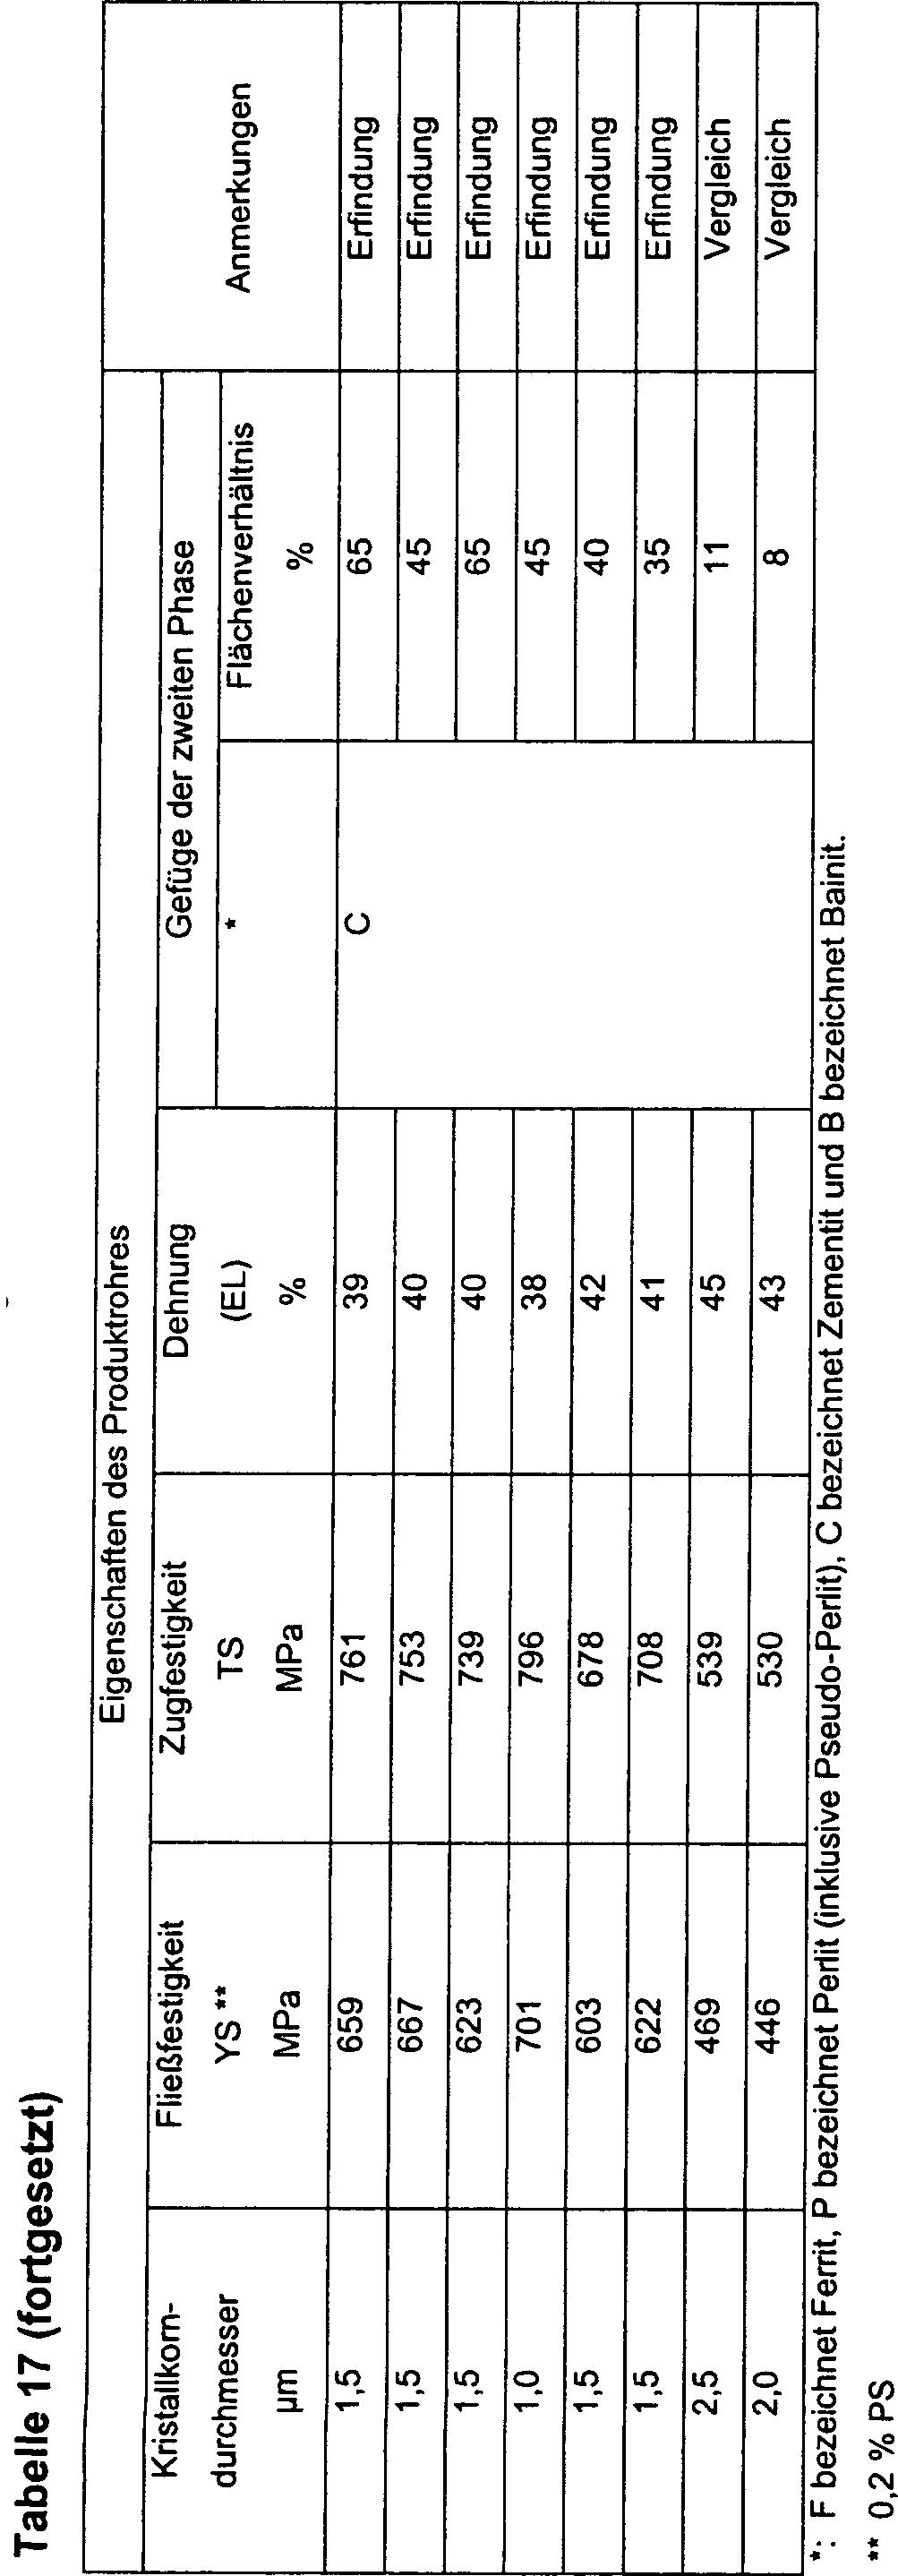 Lieblich Figure 00660001